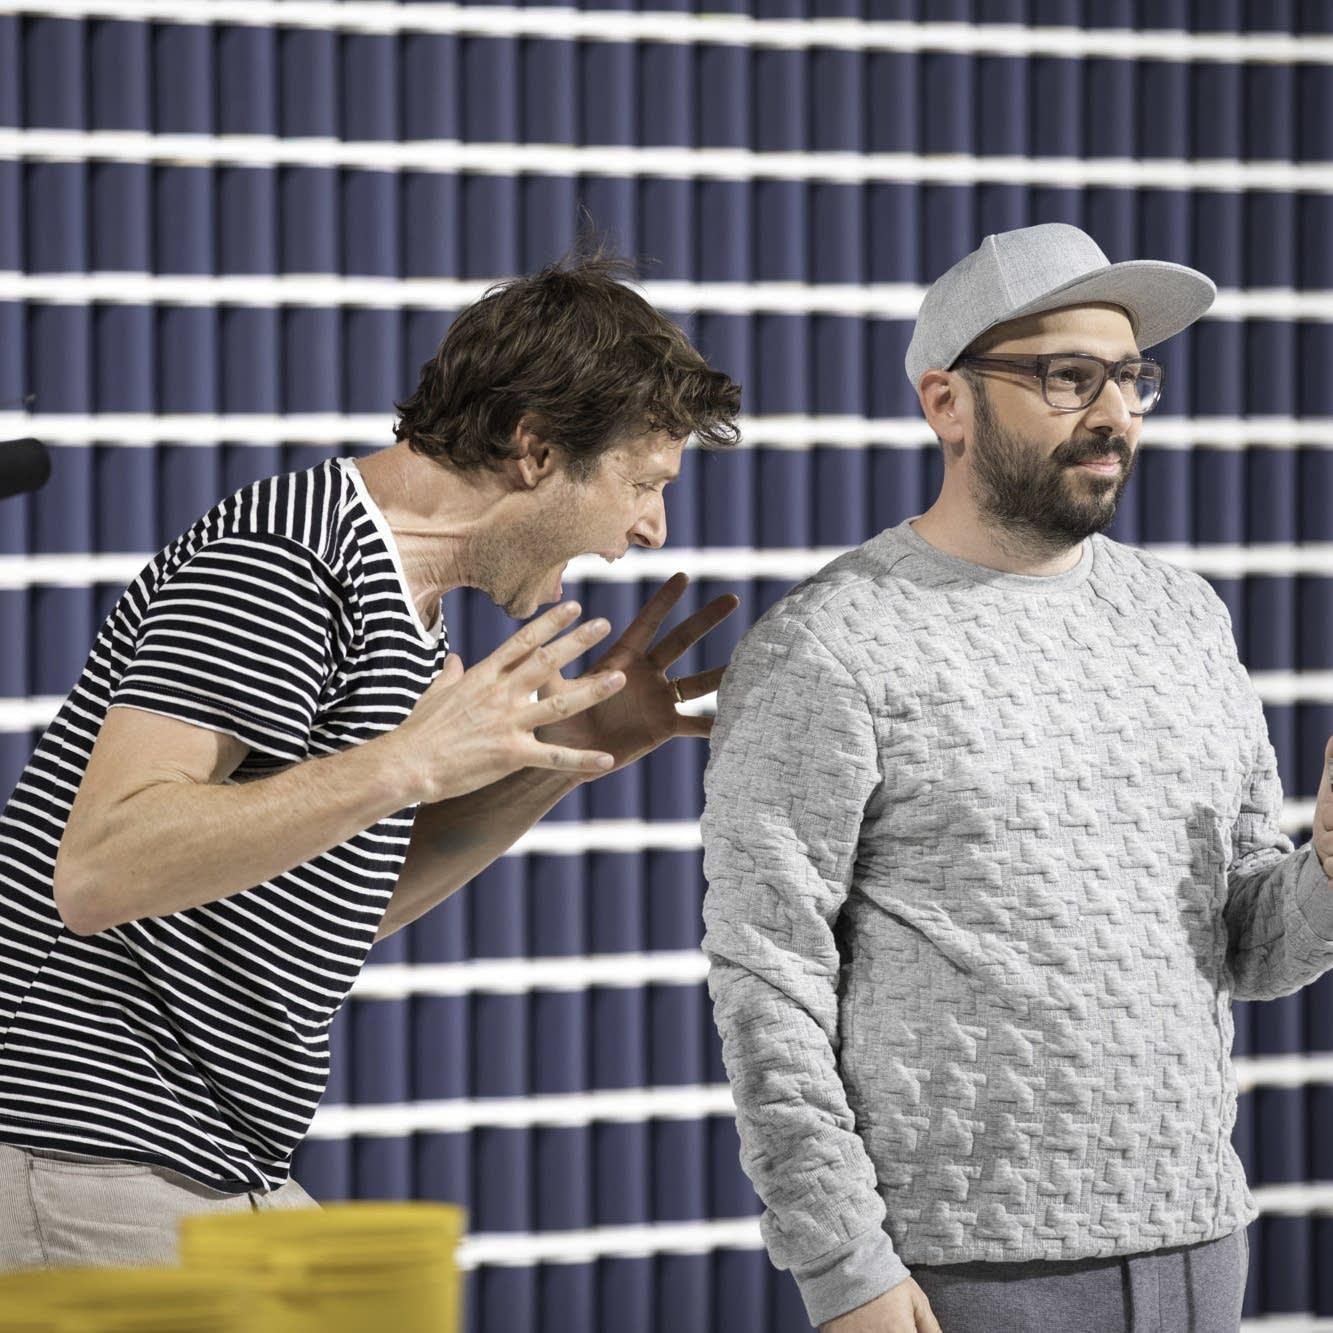 Damian Kulash and Tim Nordwind of OK Go